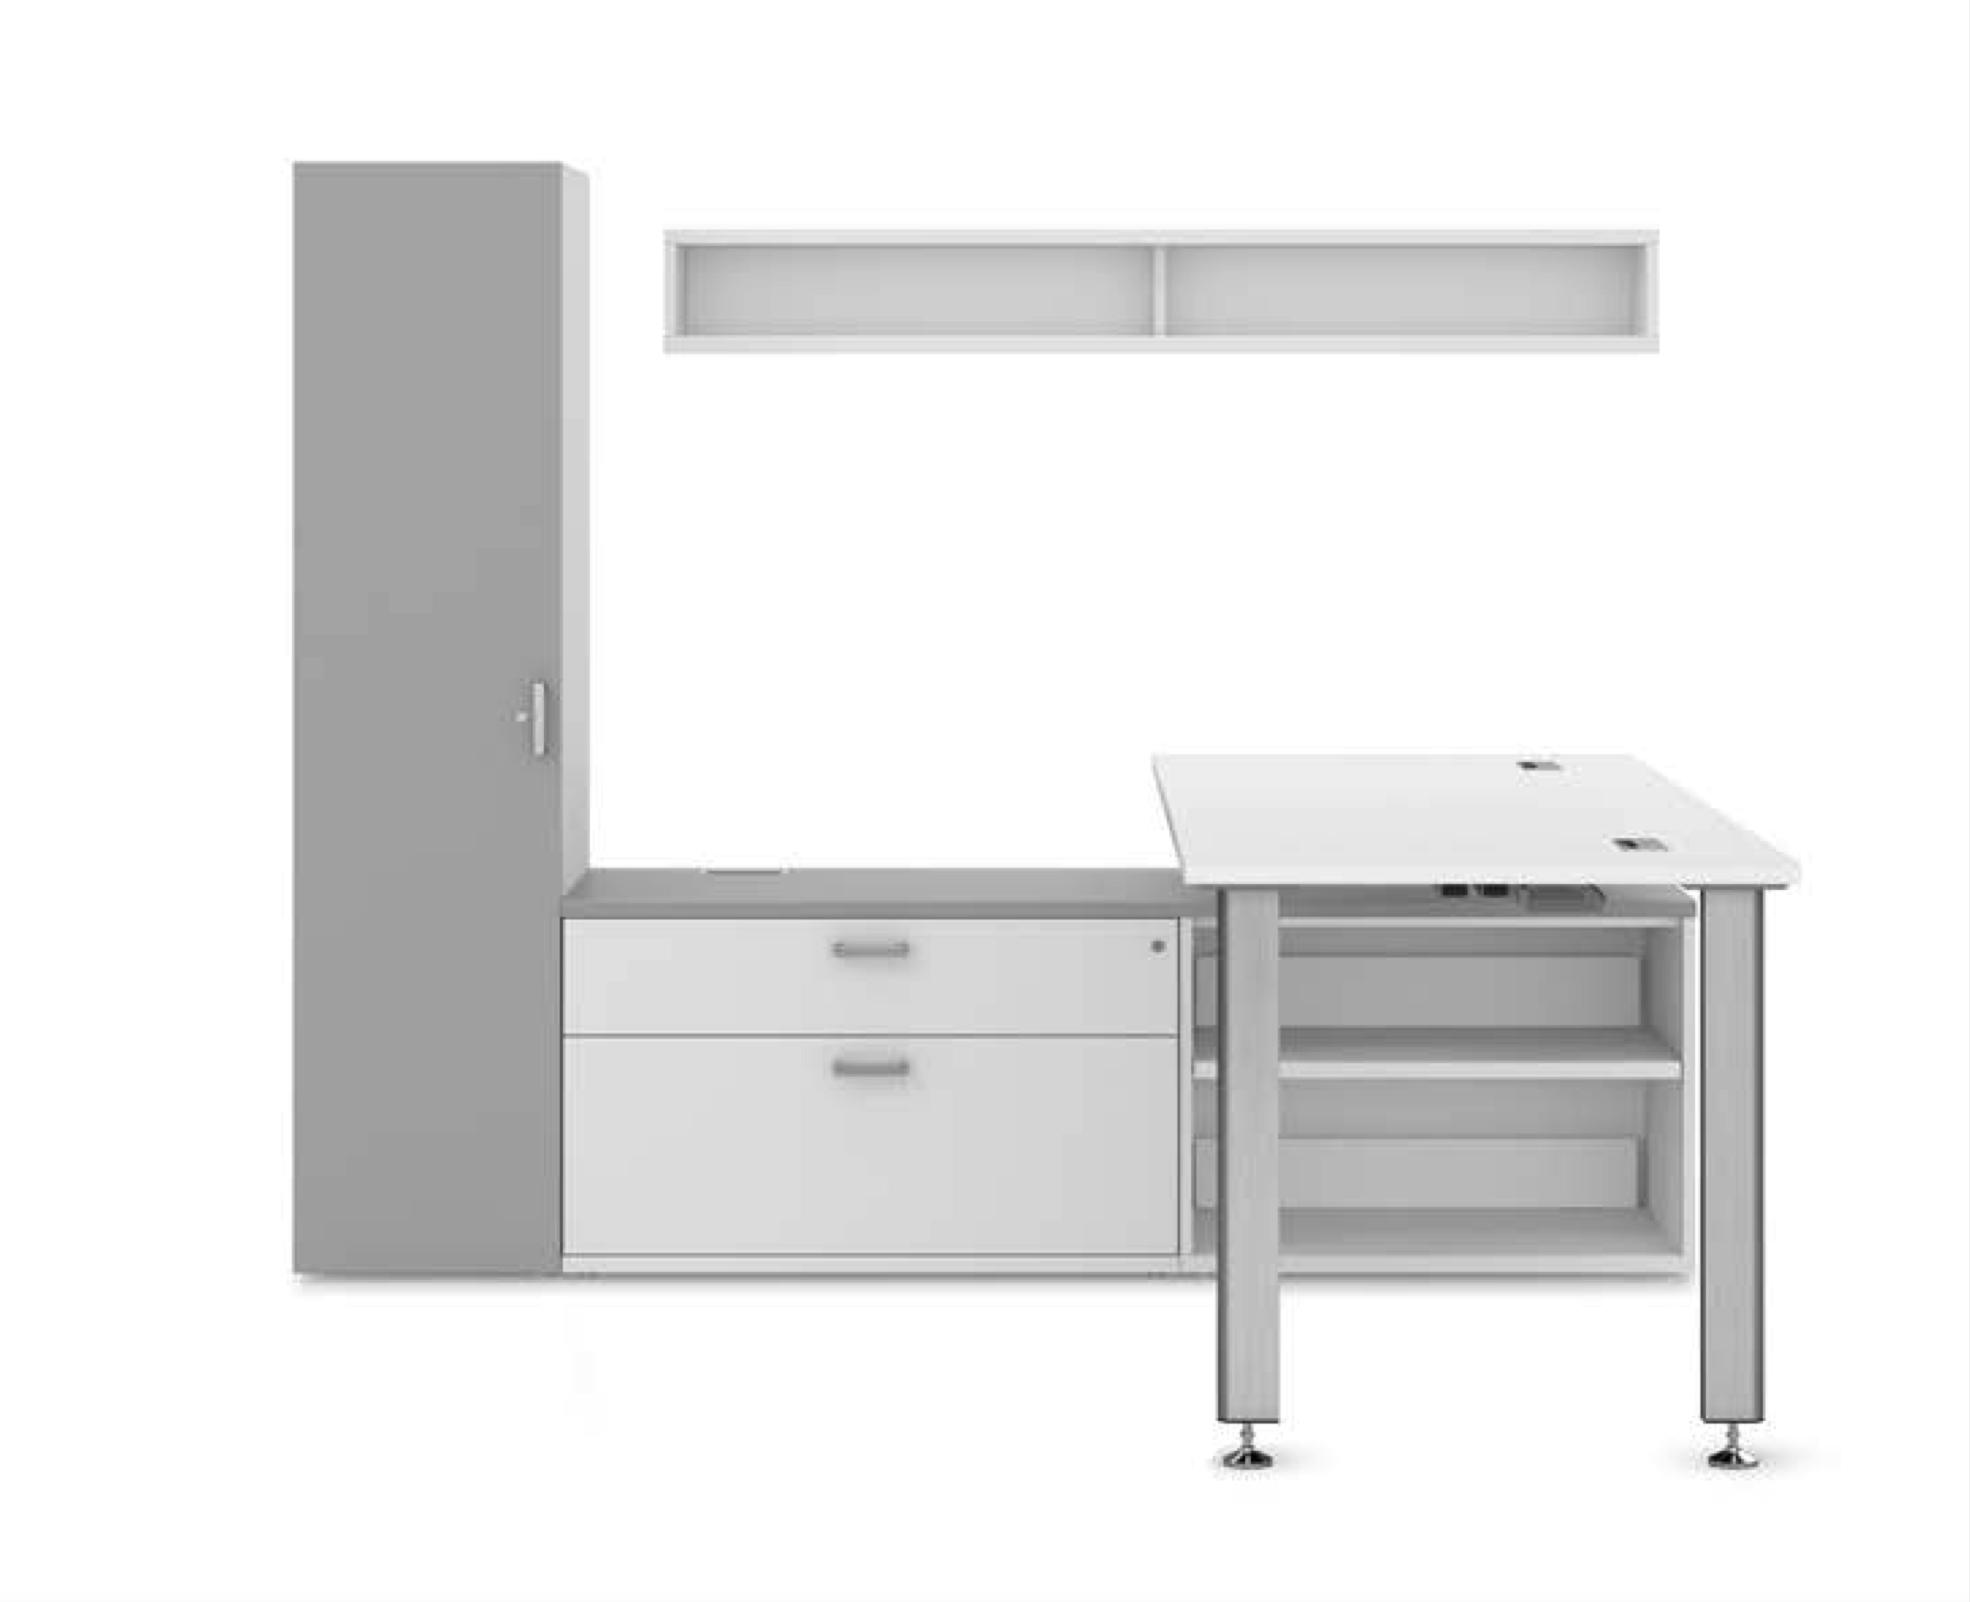 idesk l-shaped workstation